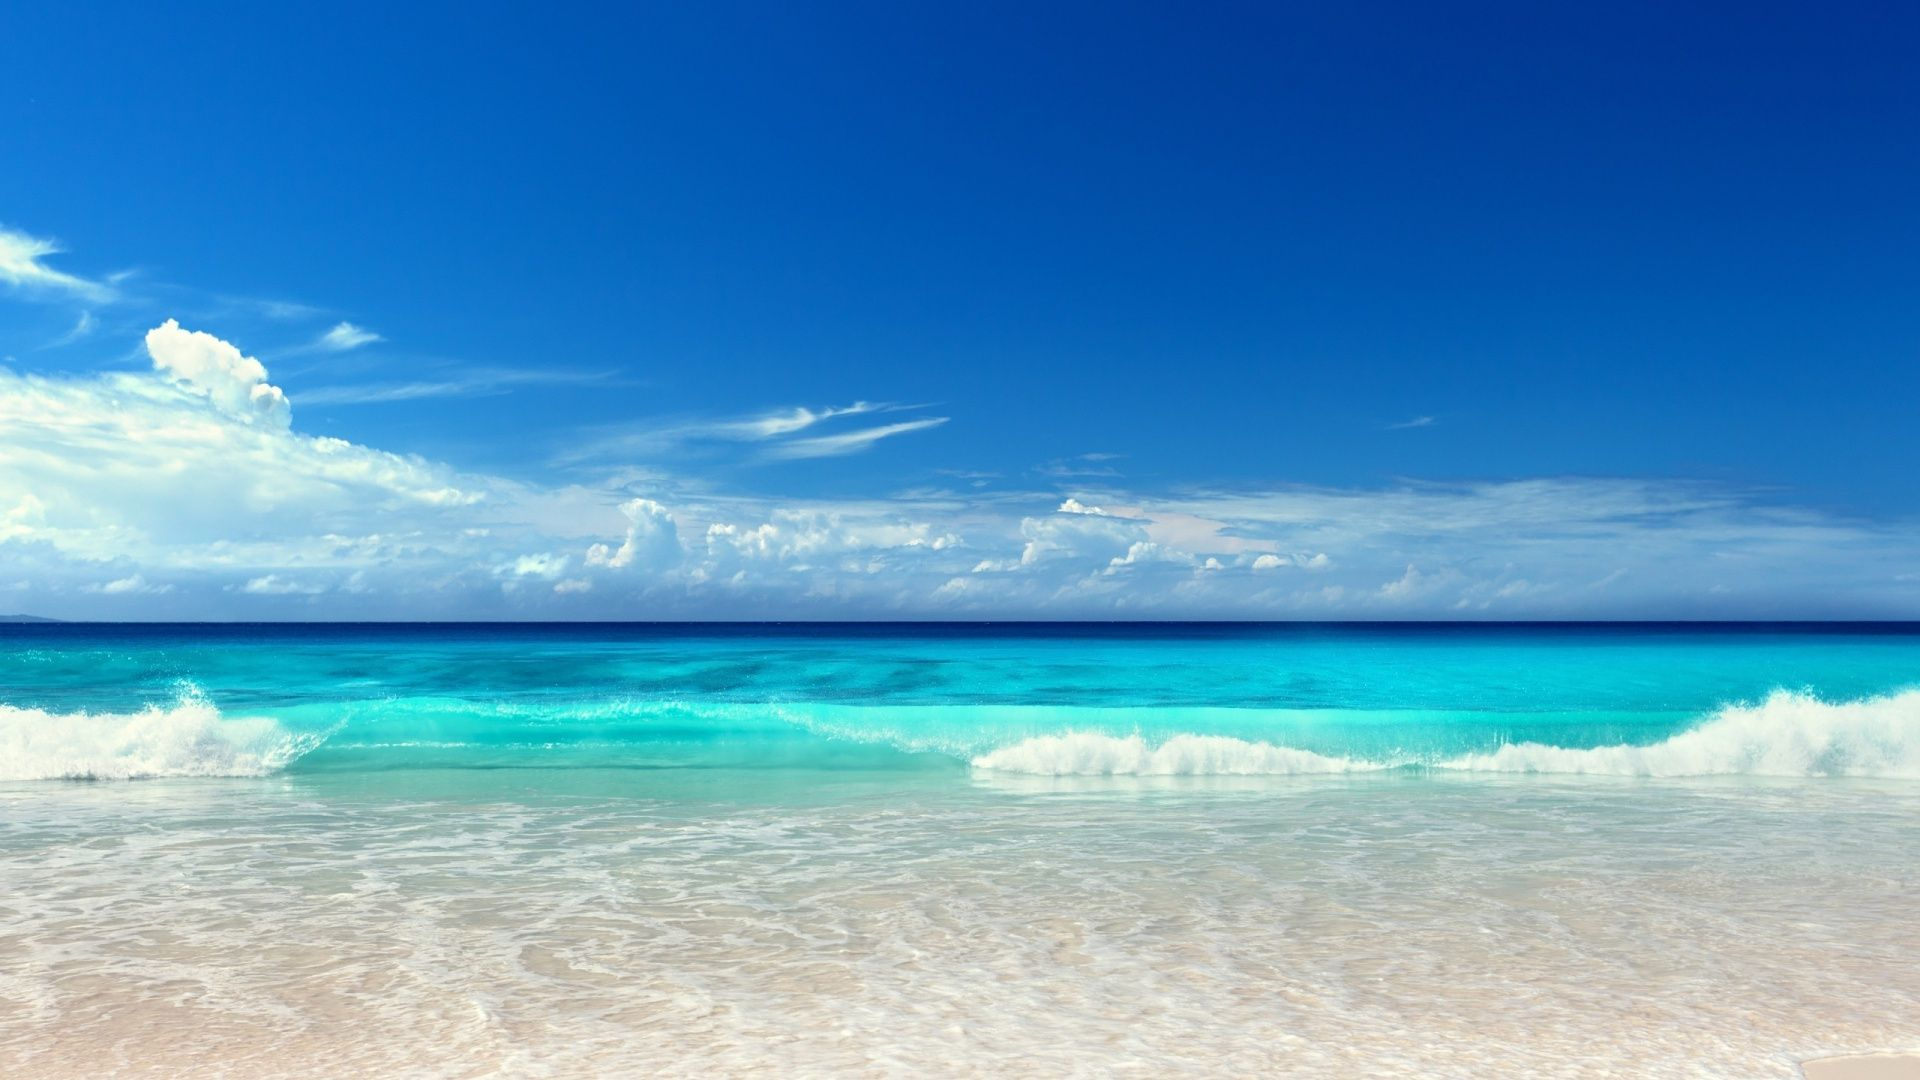 Pictures Desktop Sea Ocean Summer